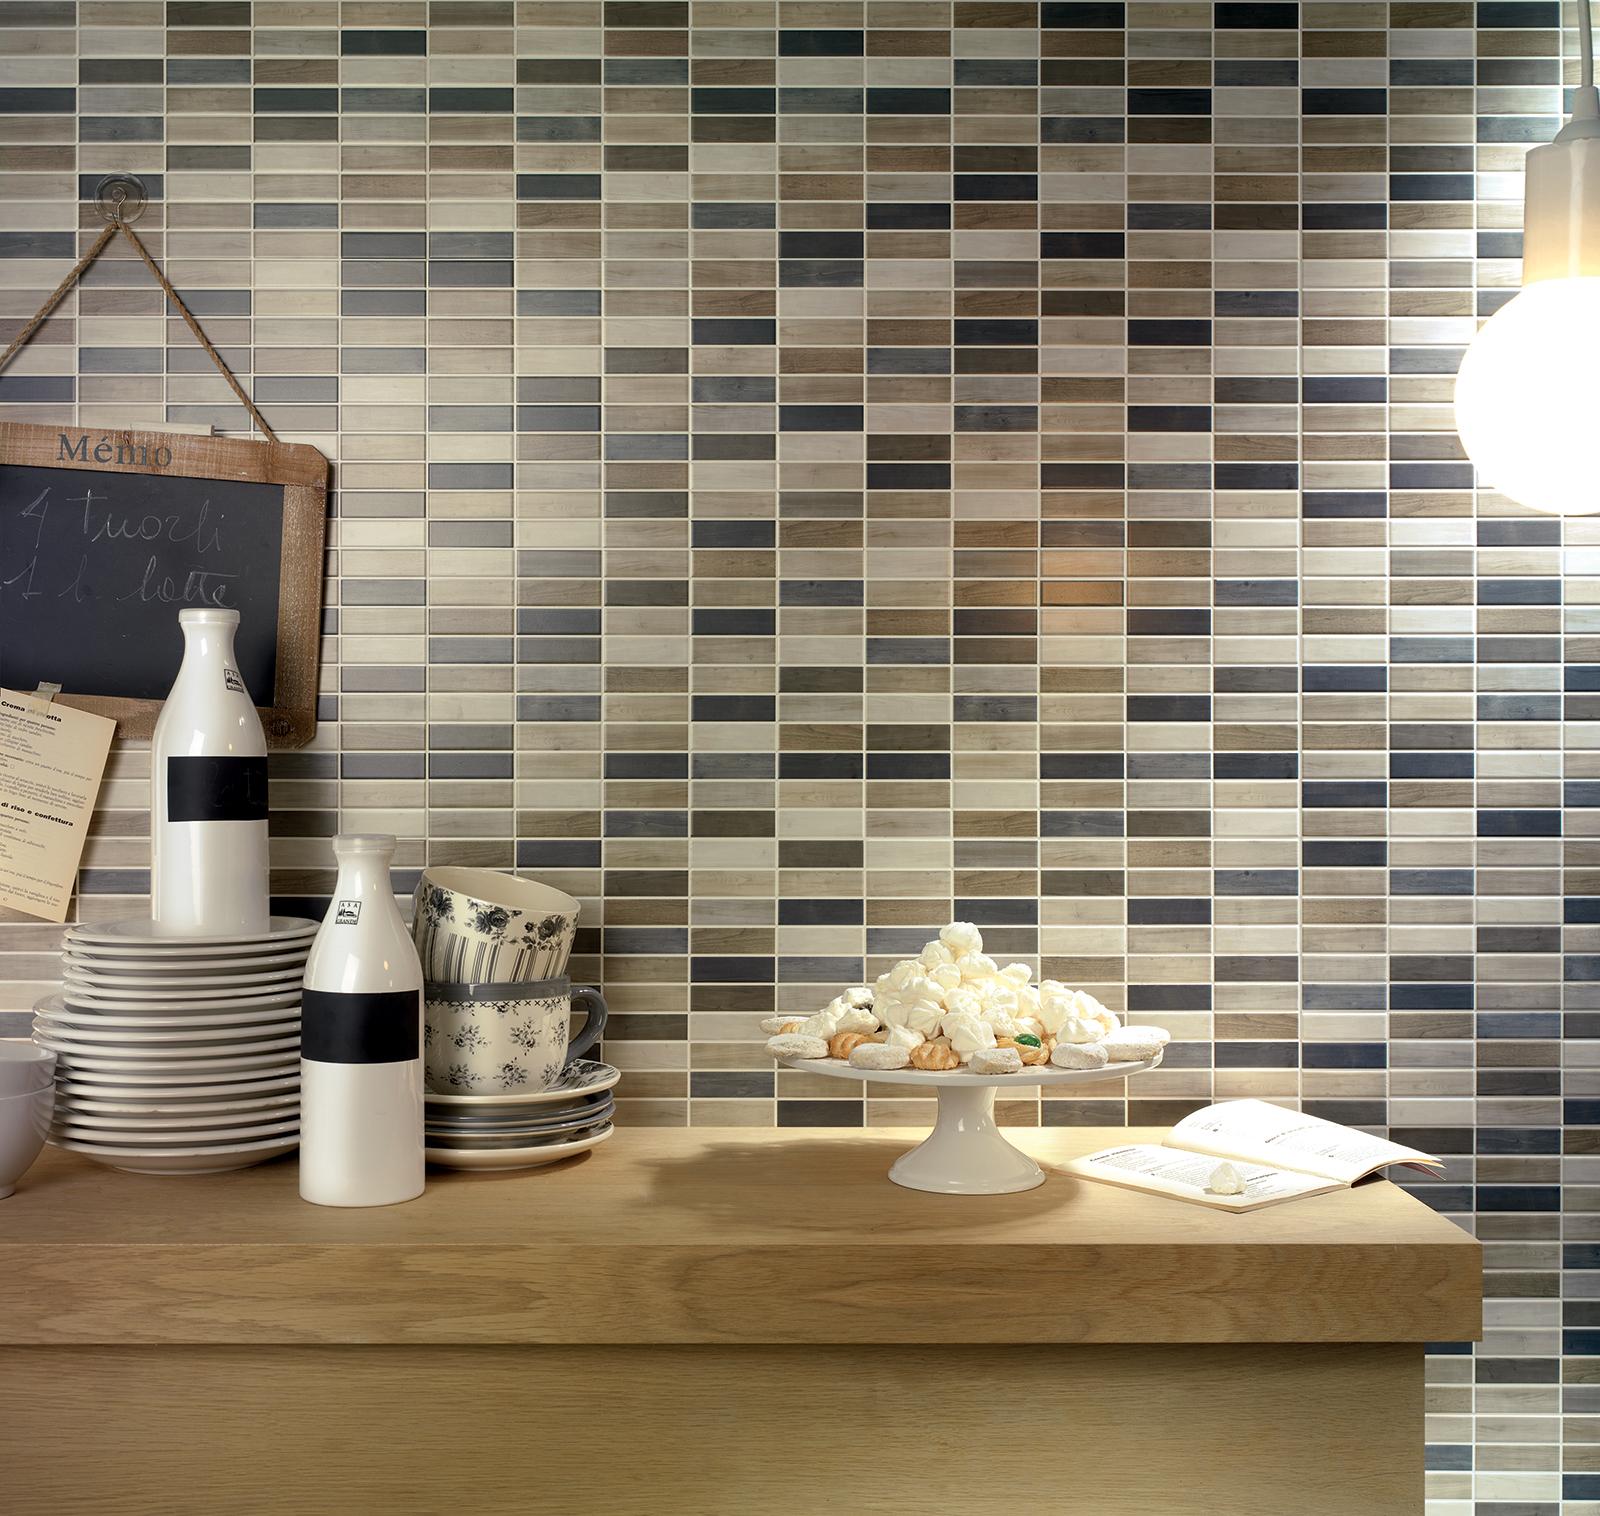 vi guideremo alla scelta tra mosaici colorati brillanti o classici per rivestire con stile pareti e superfici dallaspetto esclusivo o ancora creeremo con